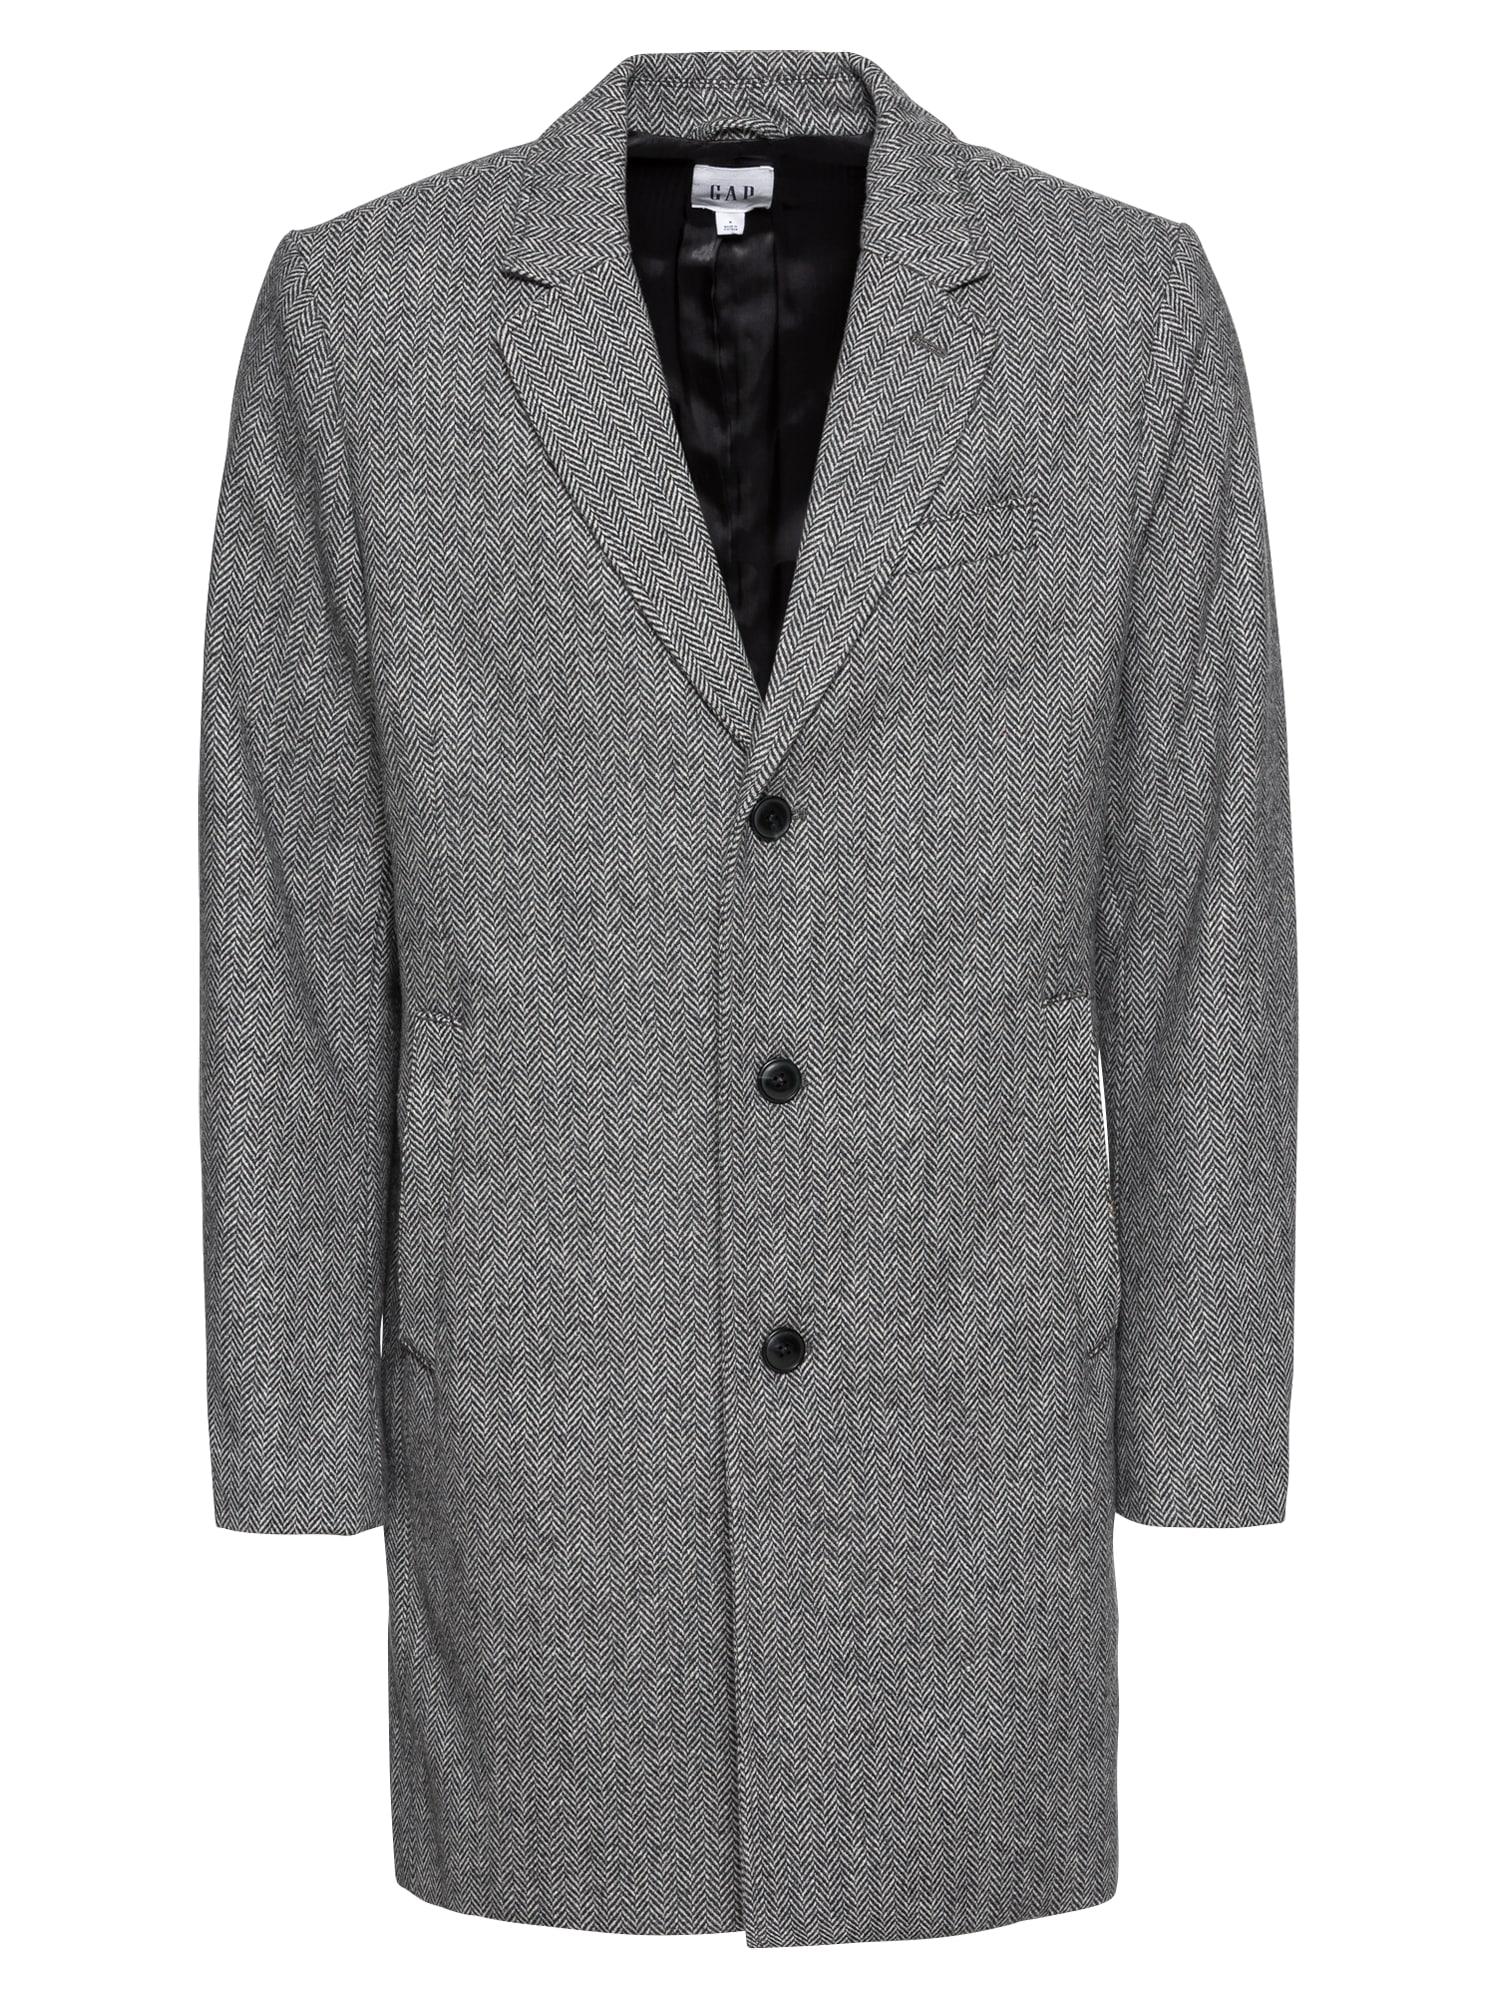 Přechodný kabát WOOL-BLEND HERRINGBONE TOPCOAT šedá černá GAP